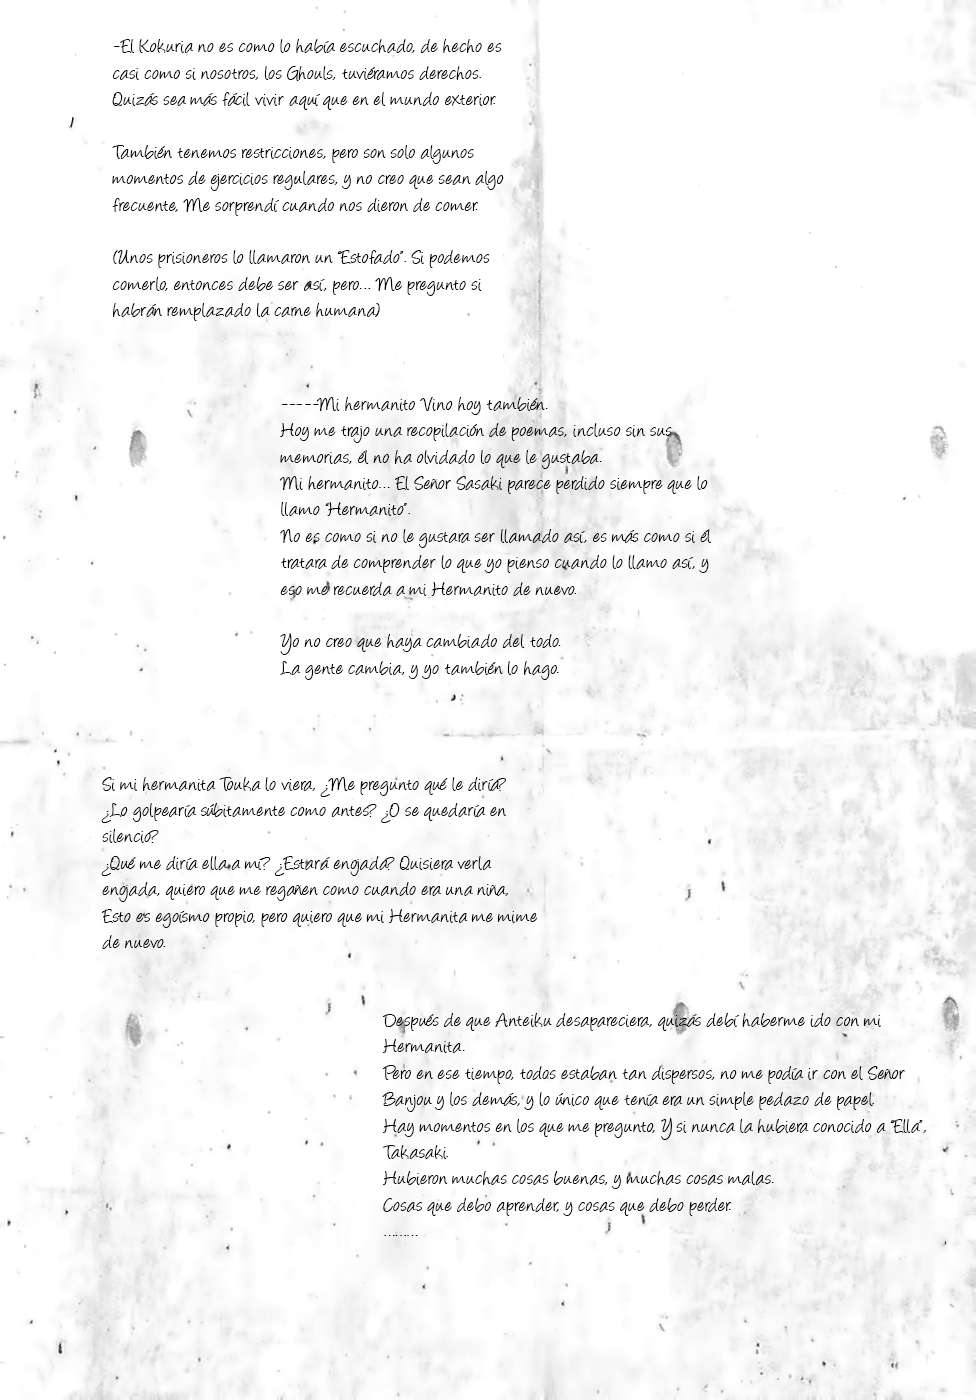 http://c5.ninemanga.com/es_manga/59/59/417010/15dbcea862355bc3fa8921bf3c36b1c8.jpg Page 13